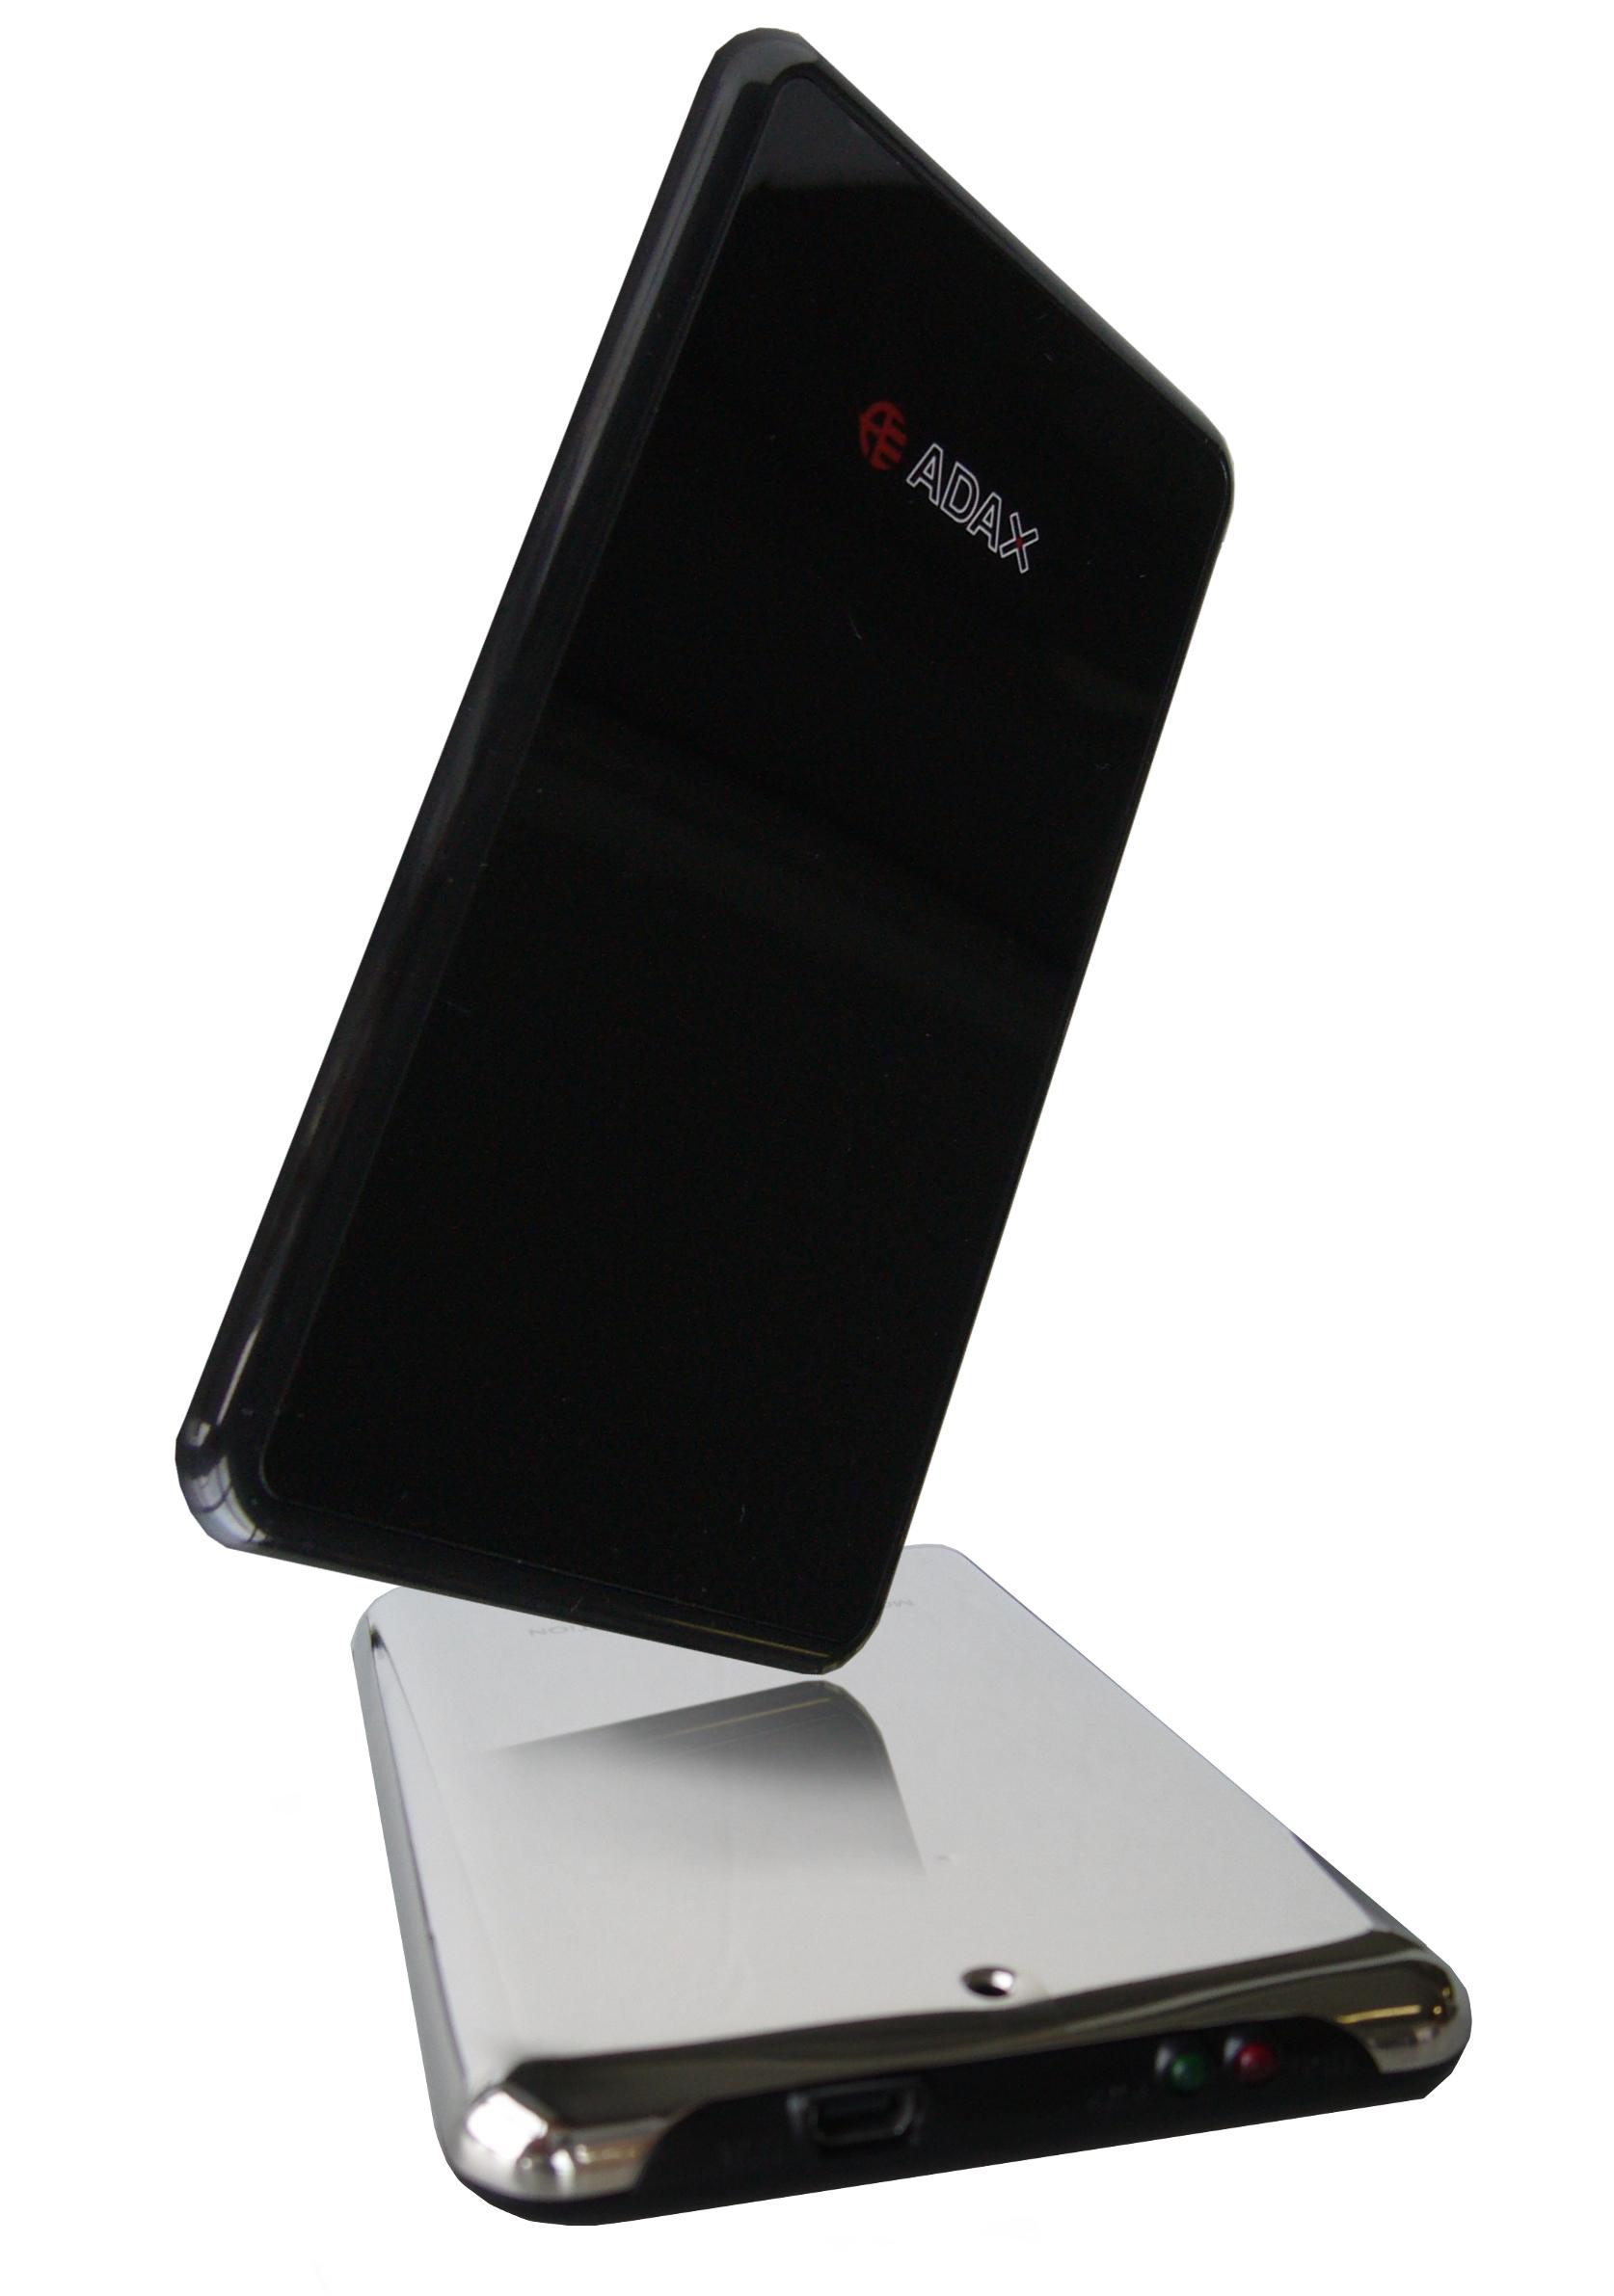 Incom: dyski Adax z USB 3.0